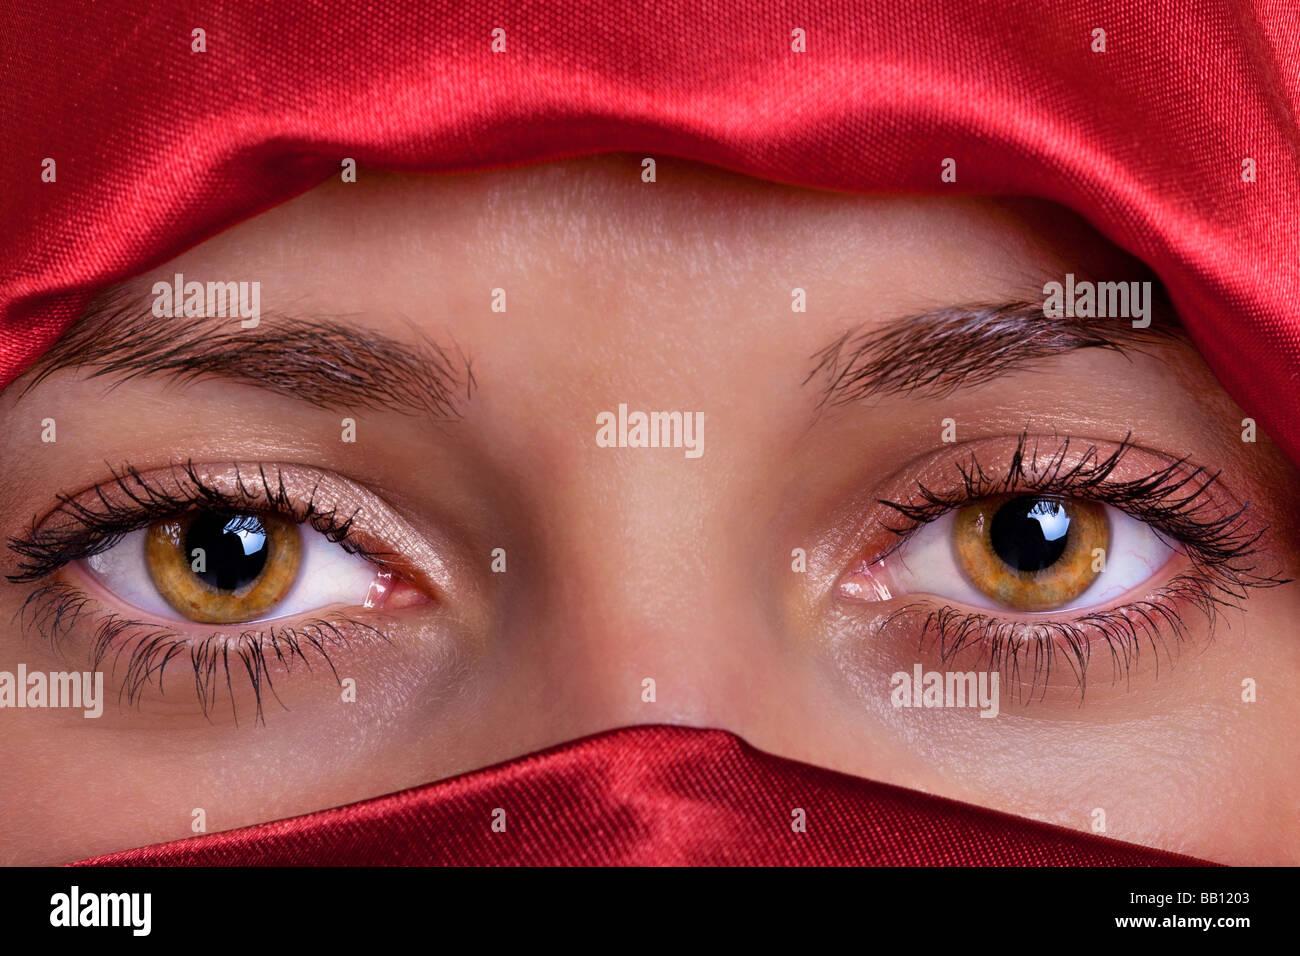 Nahaufnahme von ein paar schönen weiblichen braunen Augen, umrahmt von einem roten Seide Schleier Stockbild